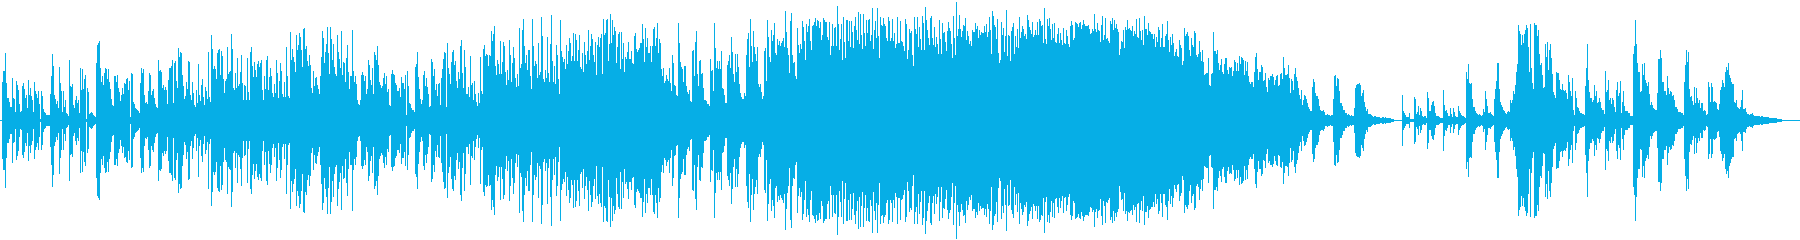 映像作品のフィナーレに相応しいピアノ曲の再生済みの波形